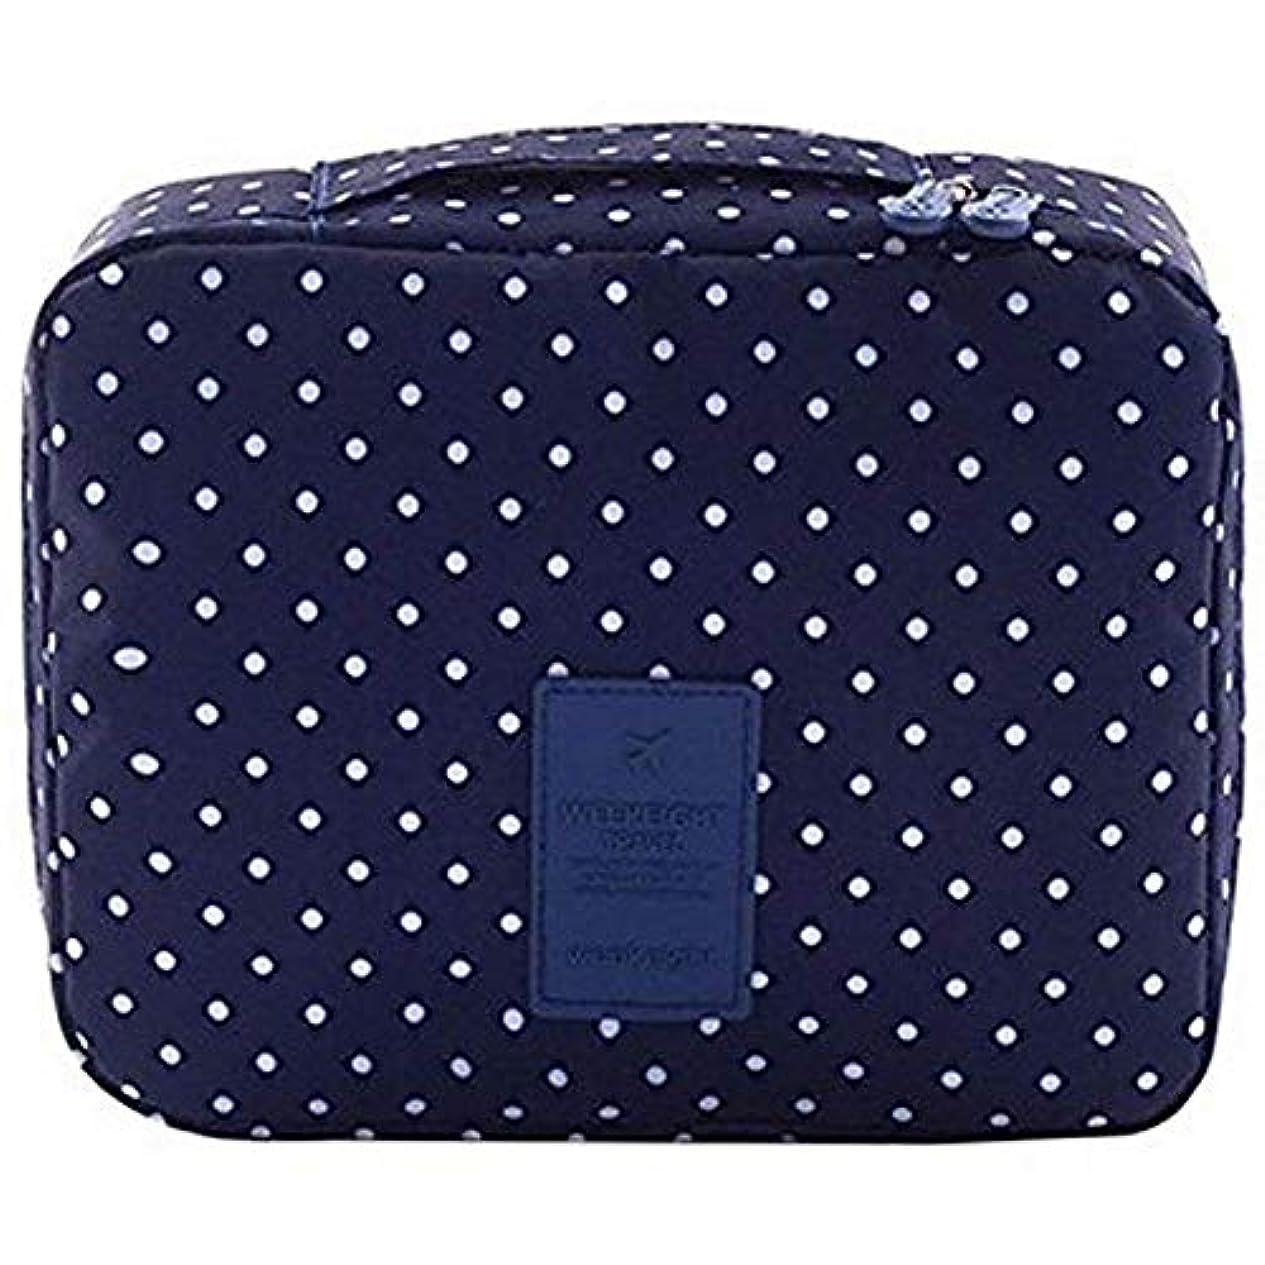 Semoic 旅行化粧品バッグ印刷多機能ポータブルトイレタリーバッグ化粧品メイクポーチ旅行用のケースオーガナイザー(海軍サークル)